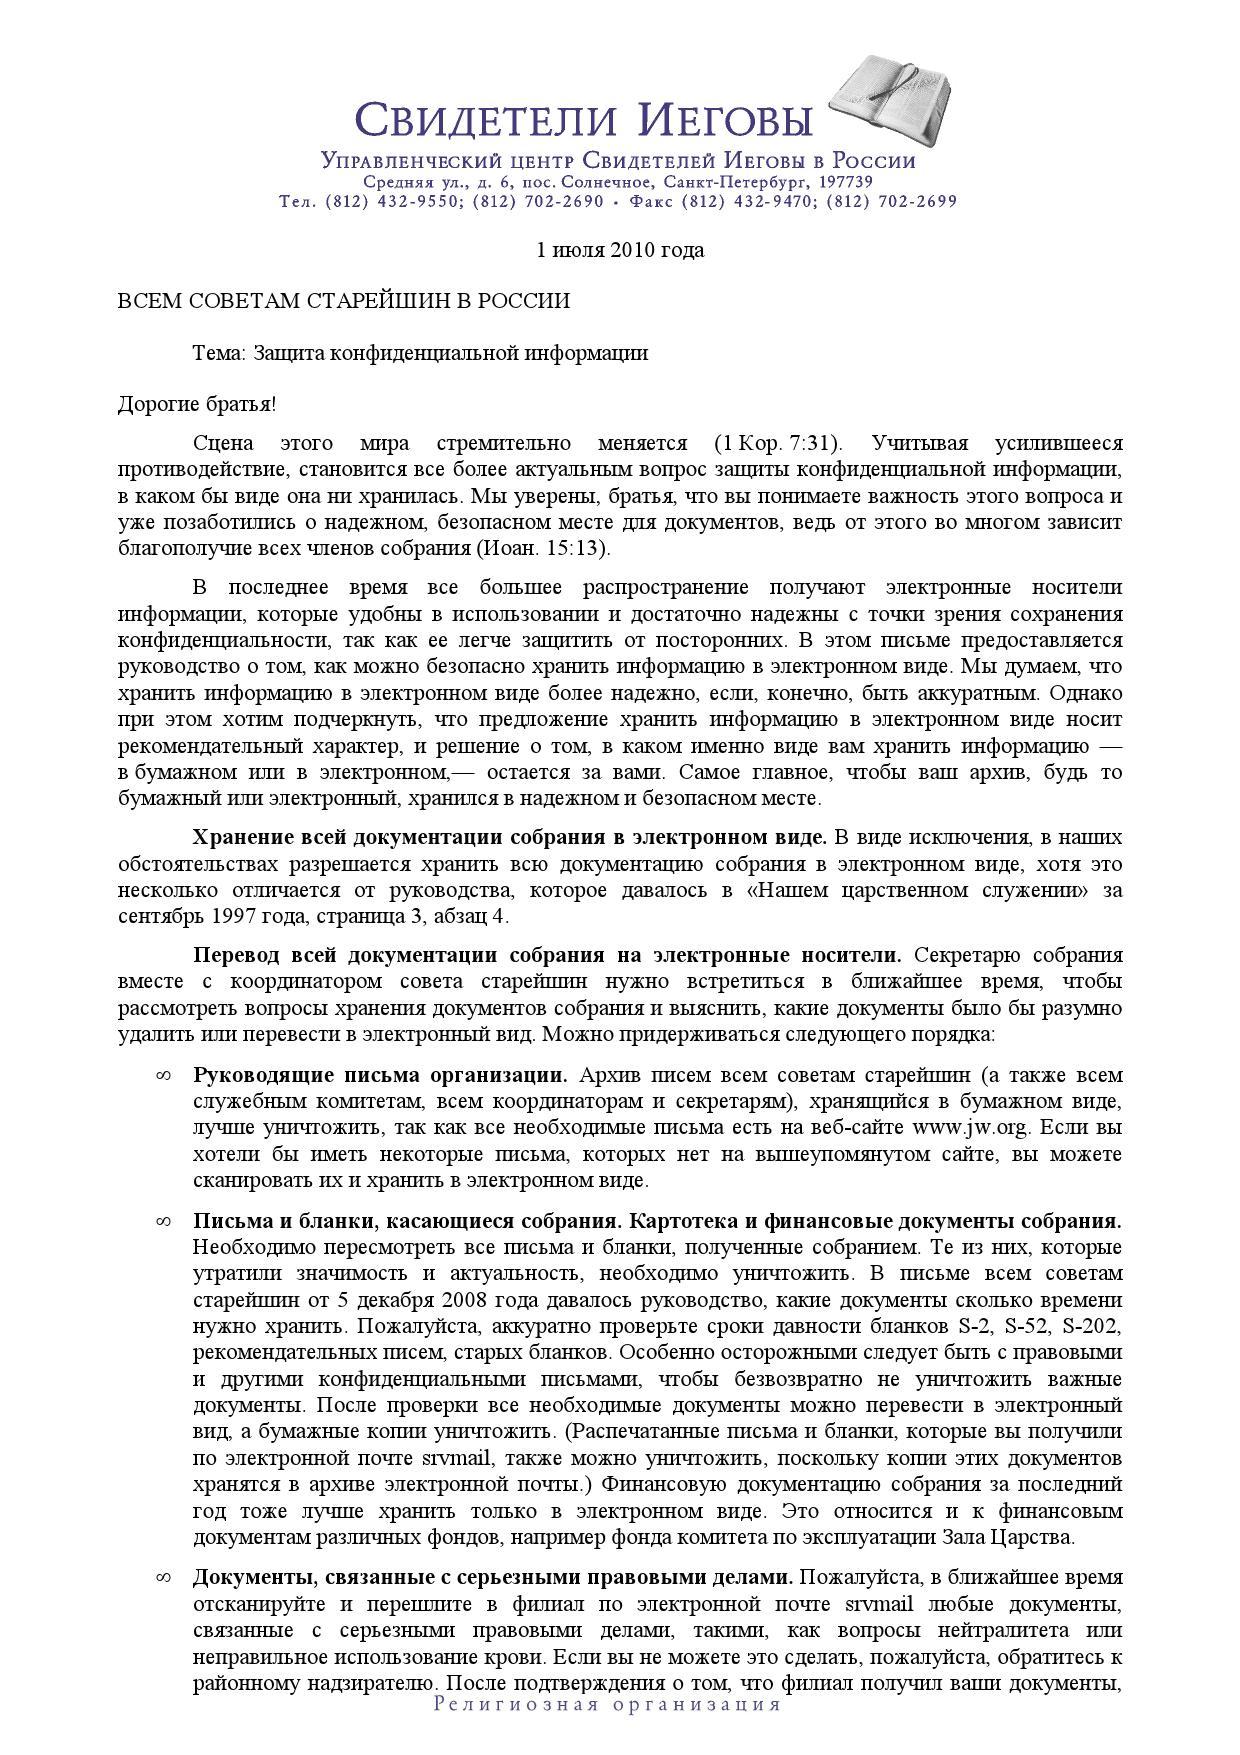 L-20100701-U-Rus-BOE (серьезные правовые дела - нейтралитет, исп.крови)_000001